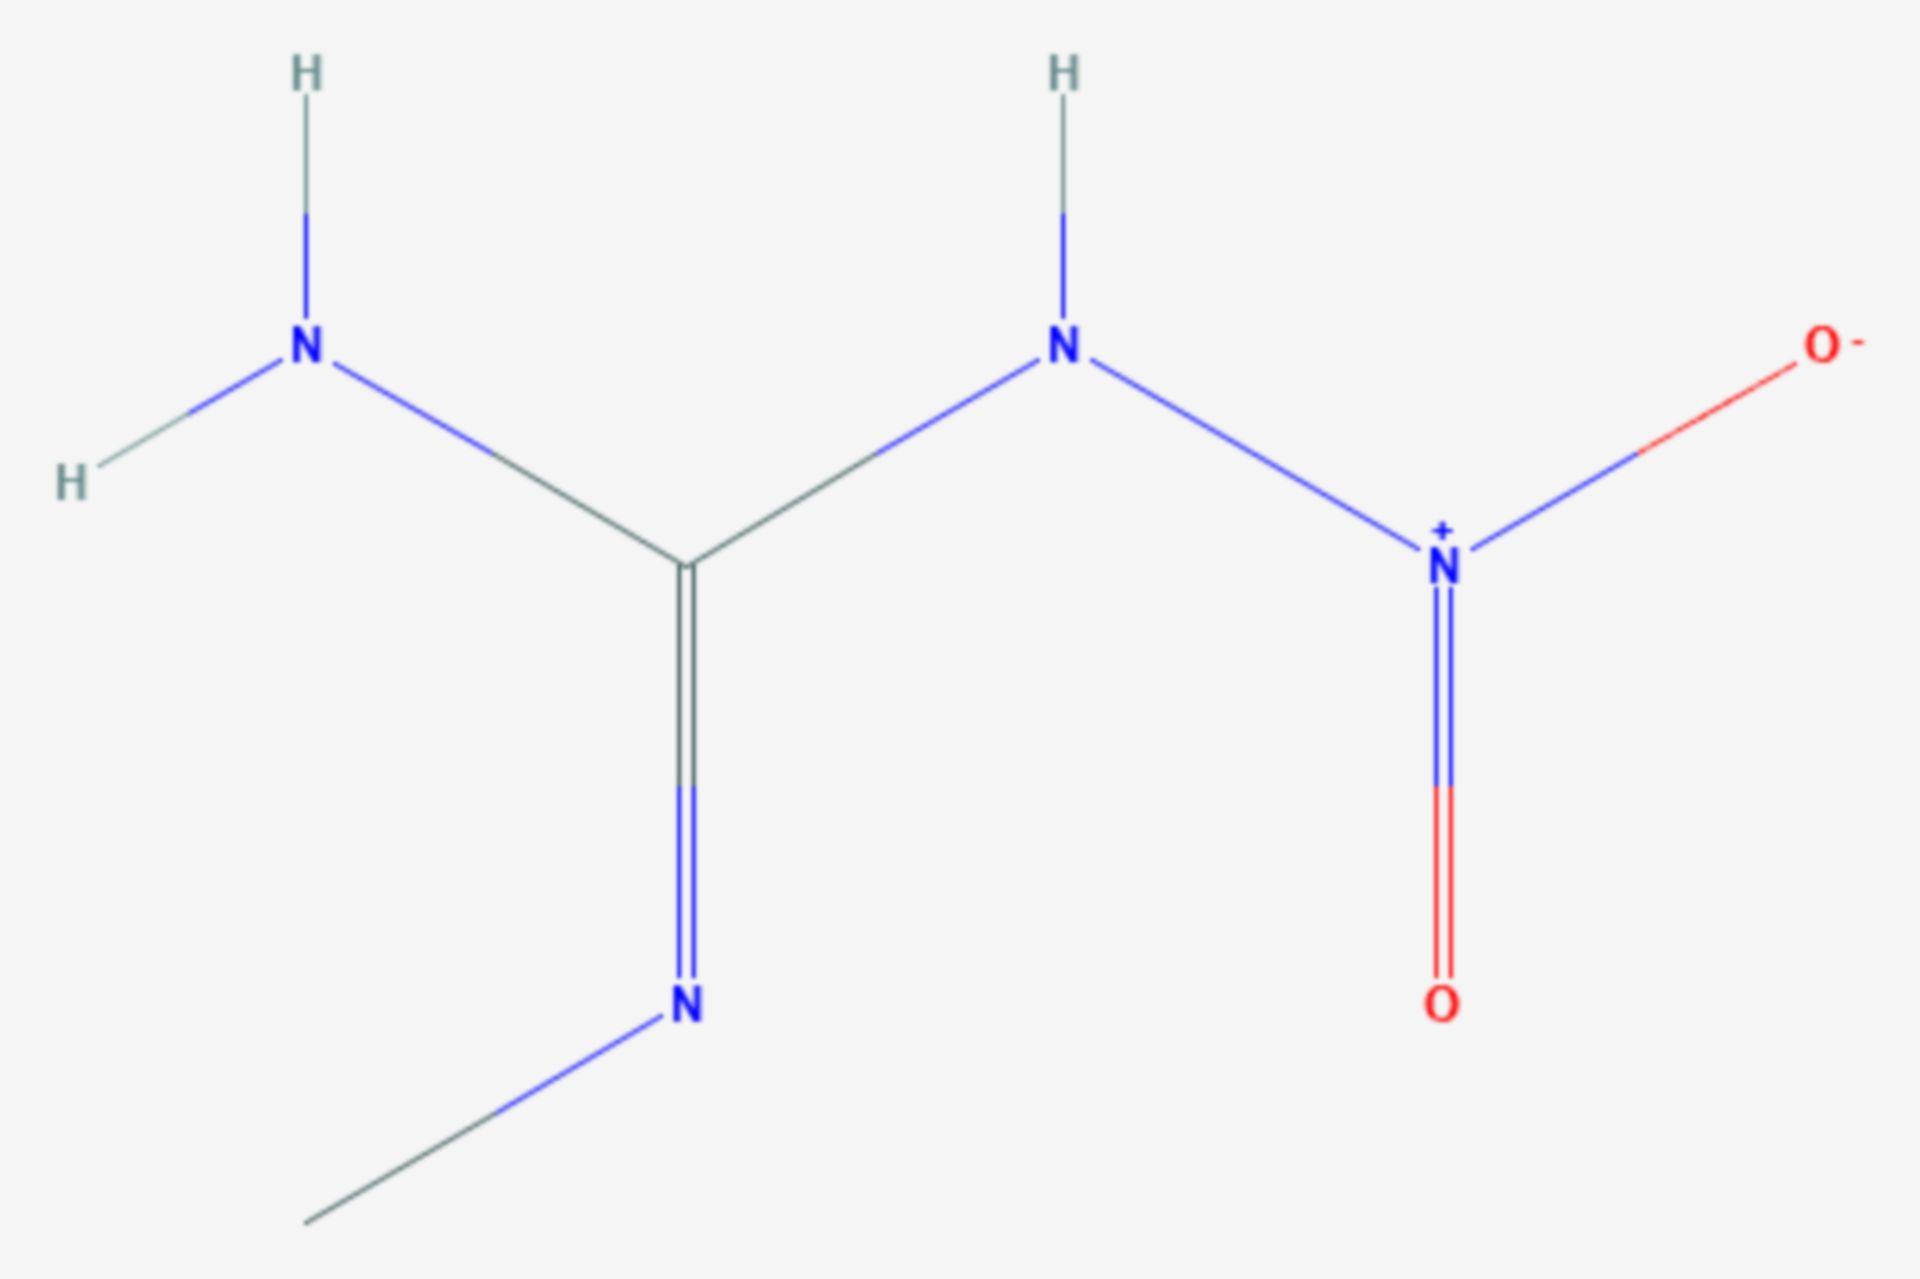 N-Methyl-N′-nitroguanidin (Strukturformel)